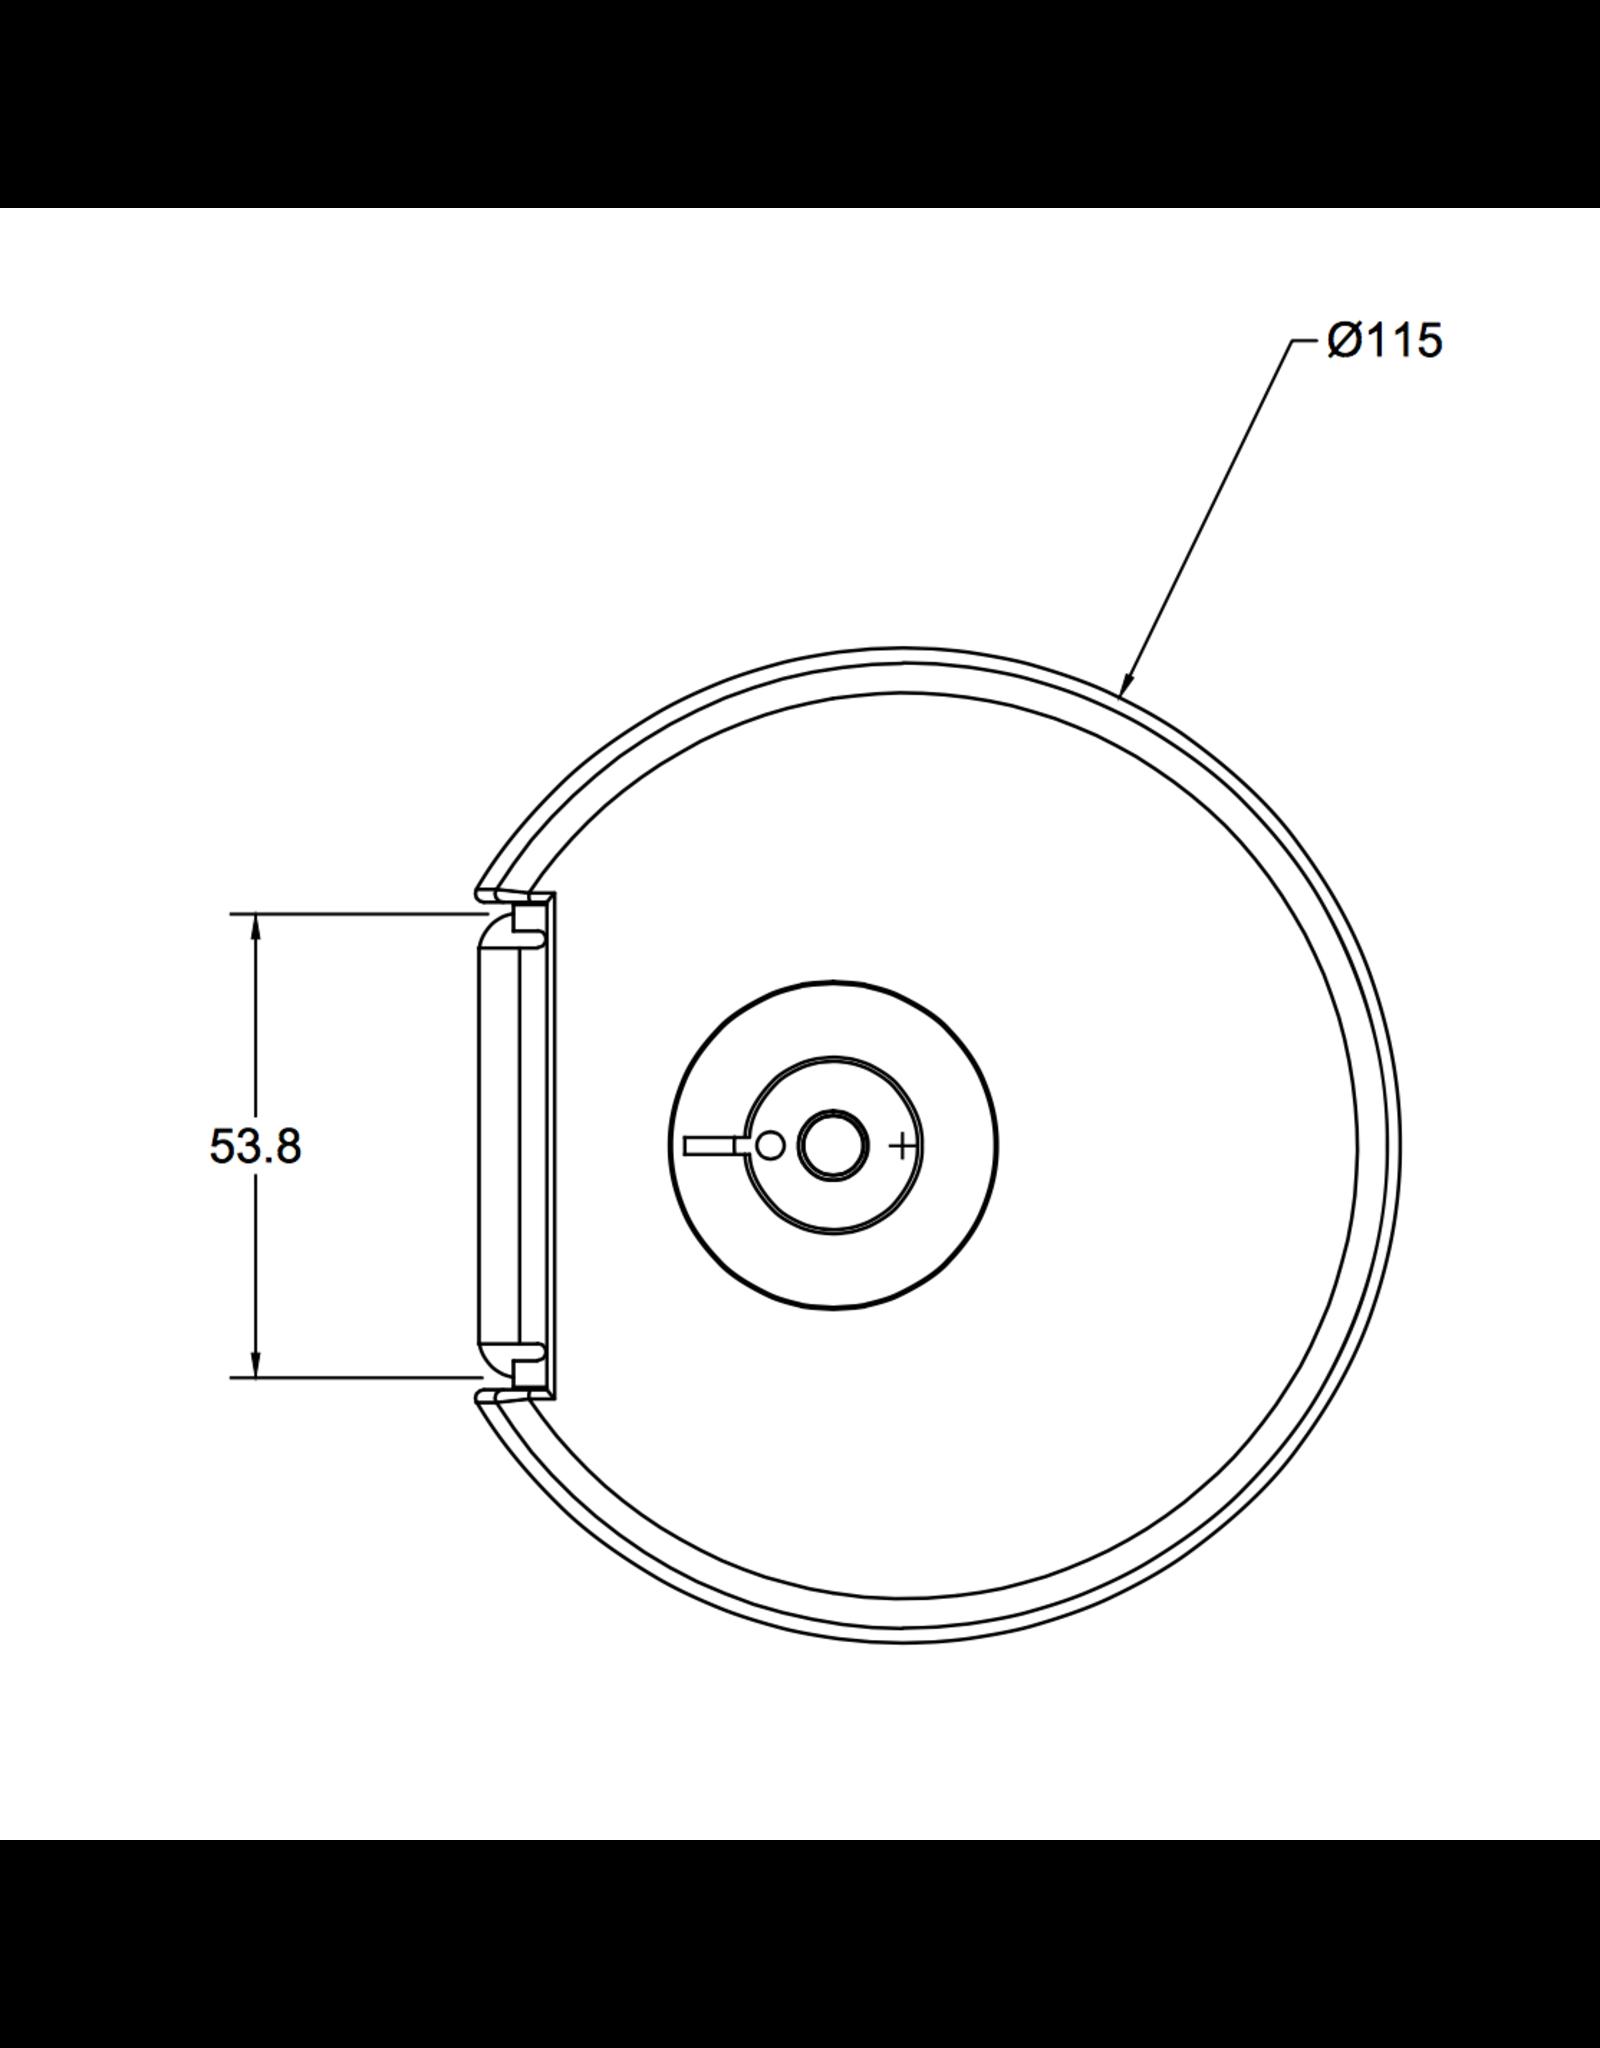 Filex Galaxy Bladklem inclusief doorvoer accessoires